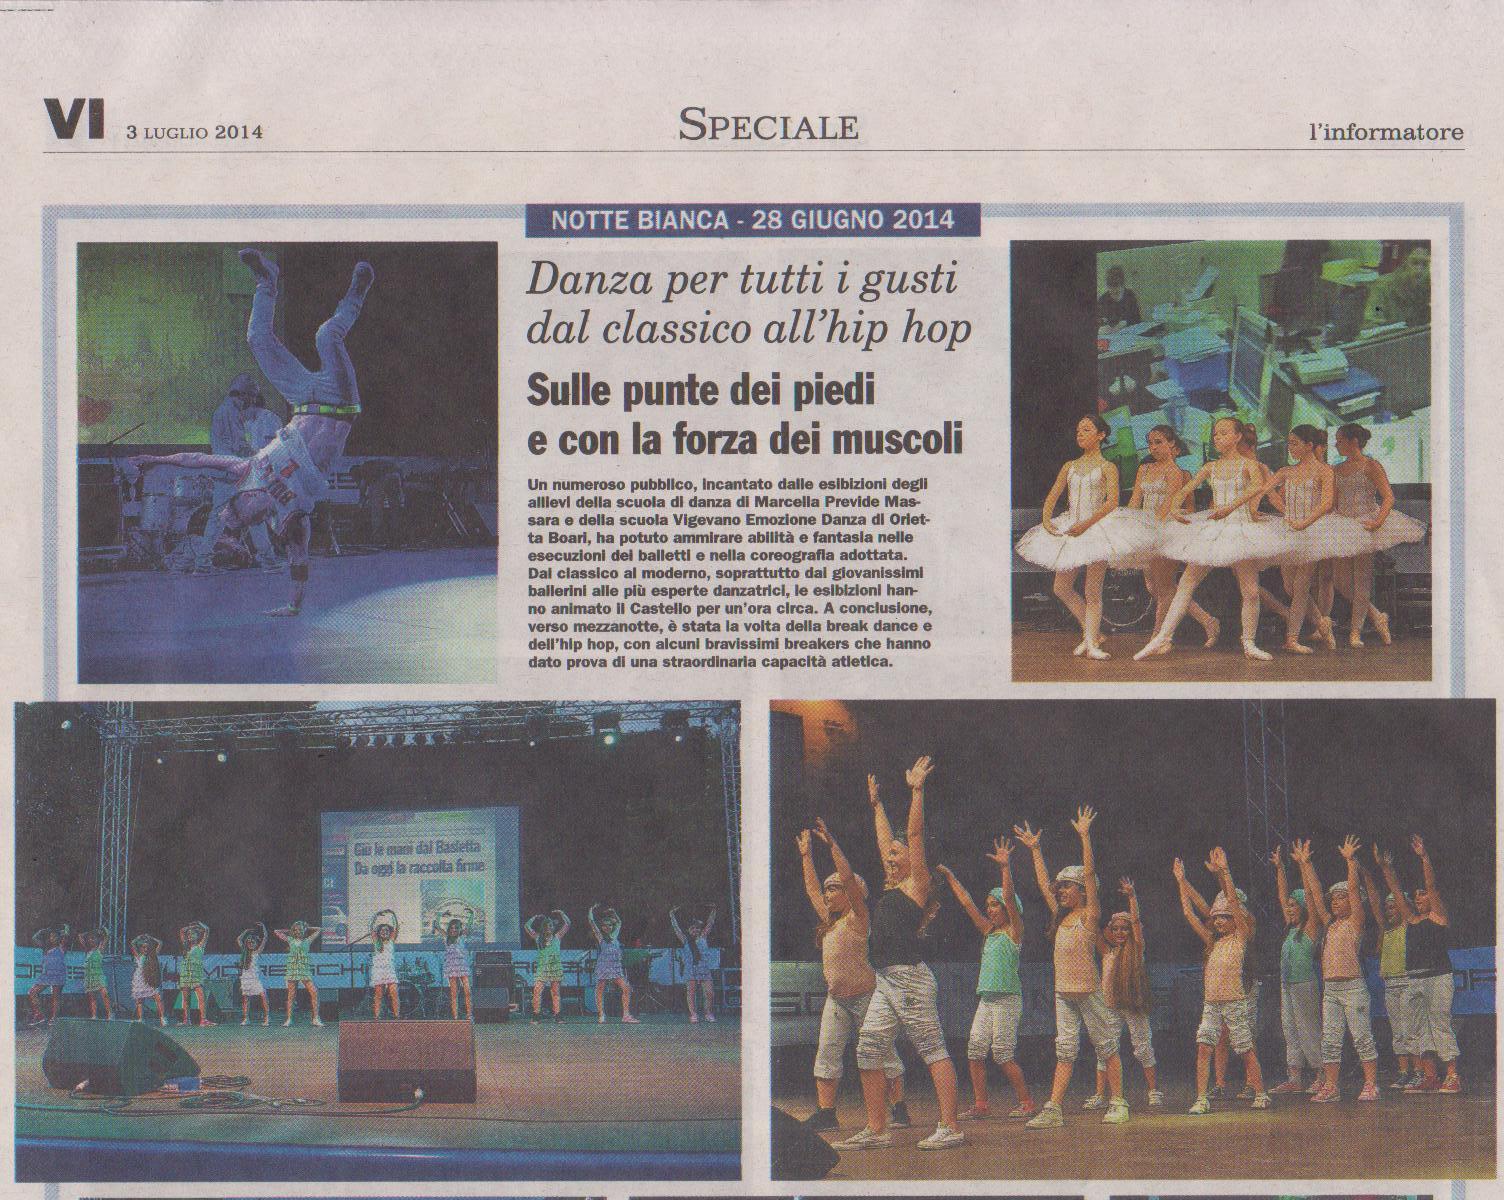 Grande Danza alla Notte Bianca 2014 di Vigevano